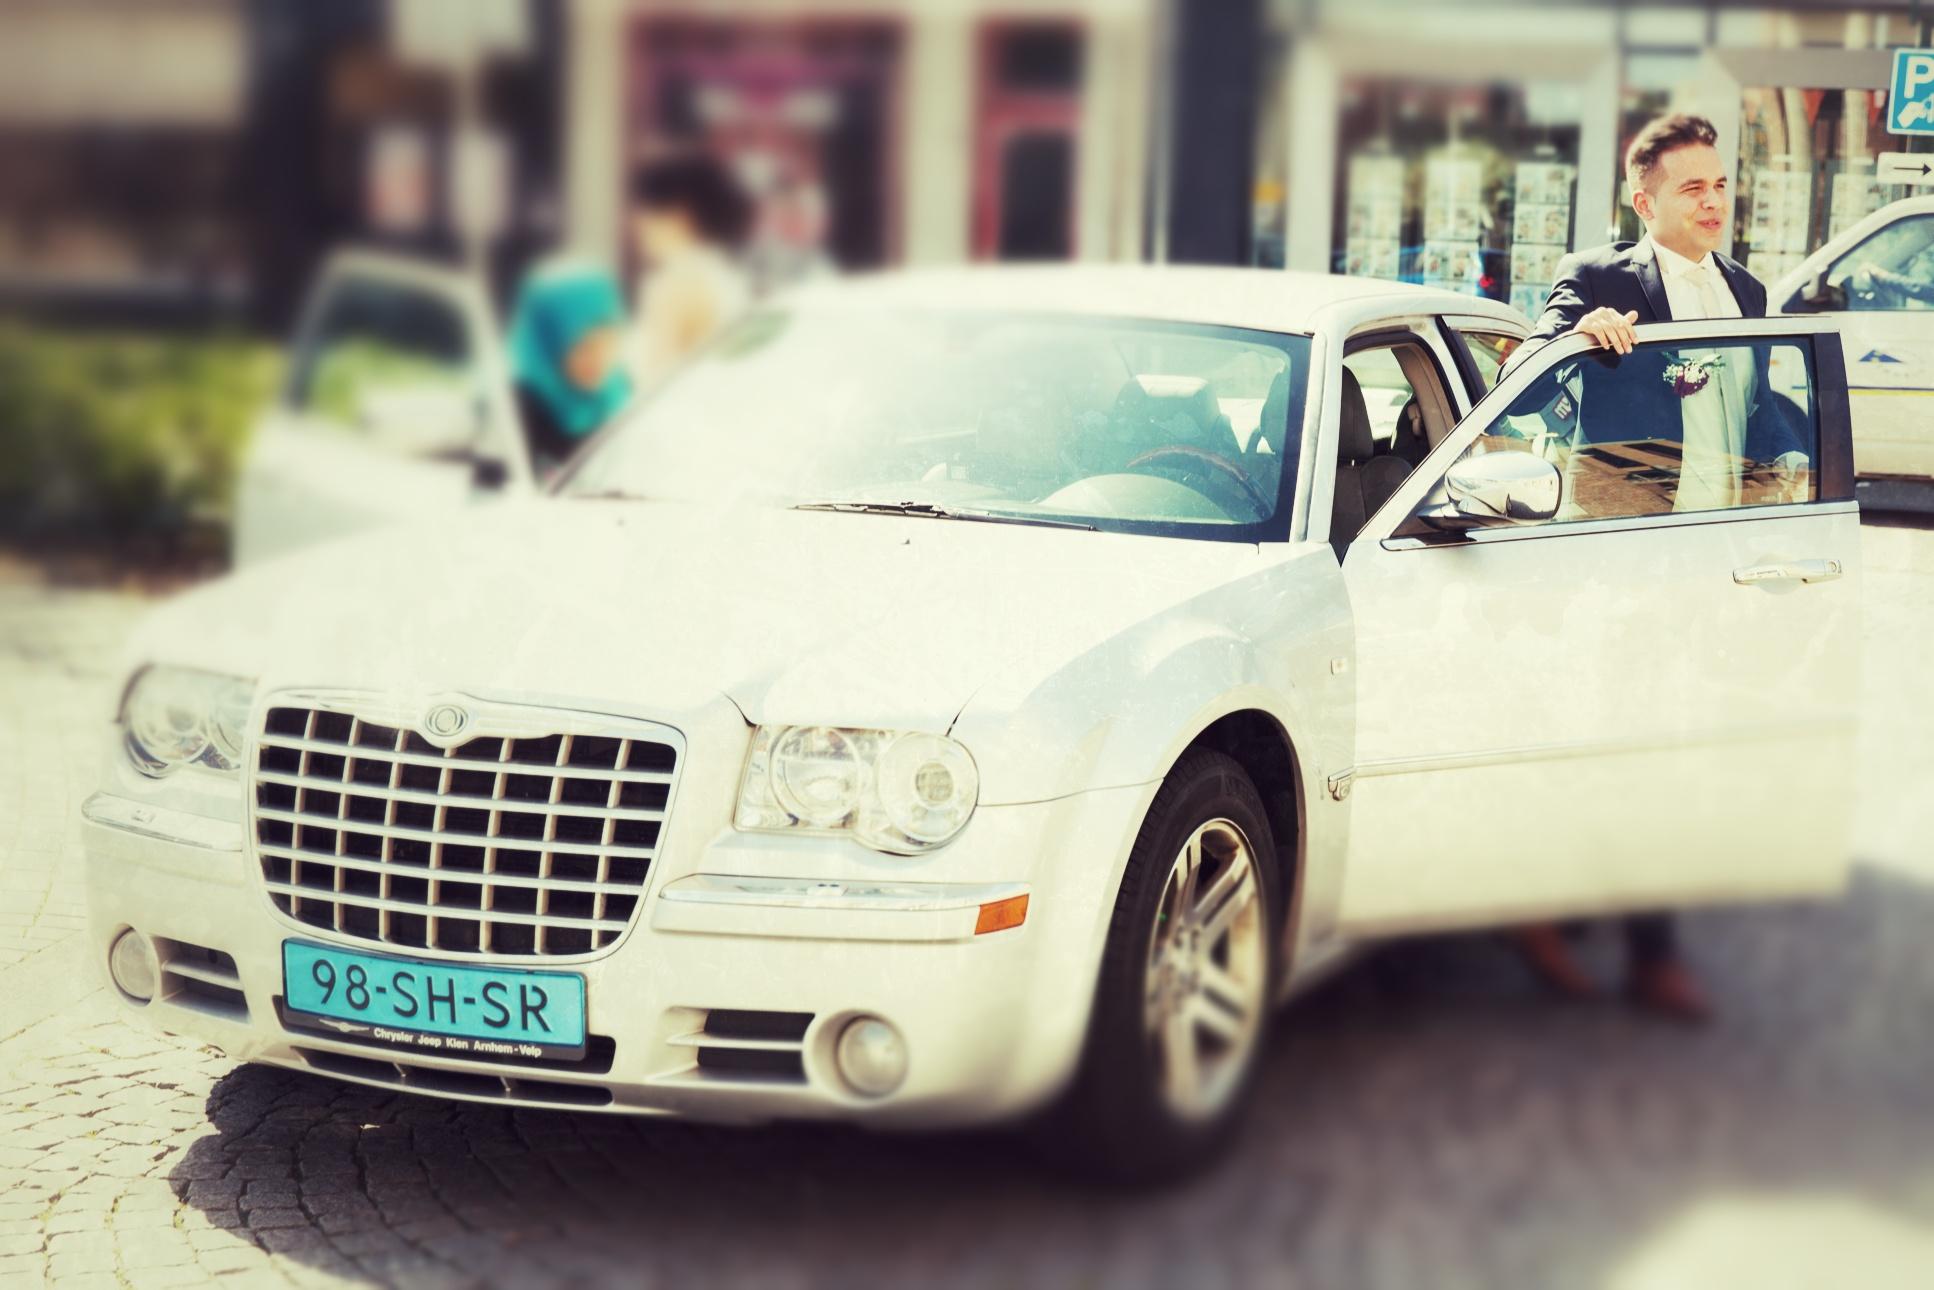 Stad Taxi Hengelo Hengelo (img nr 1)